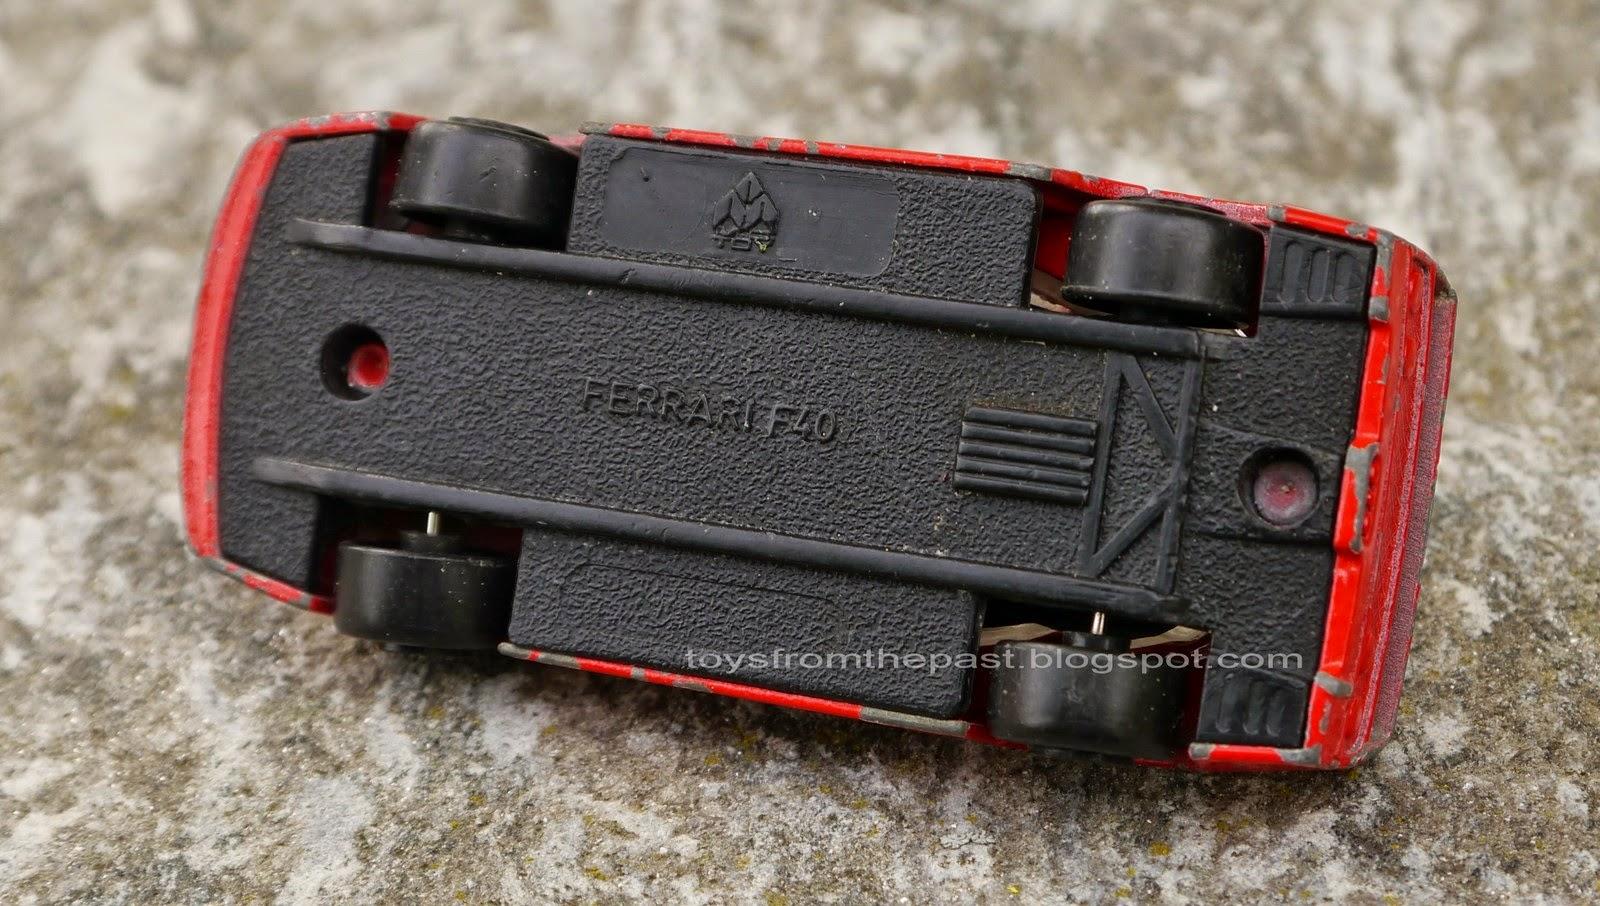 Maistotech   Volt Fox Rc Car Batteries